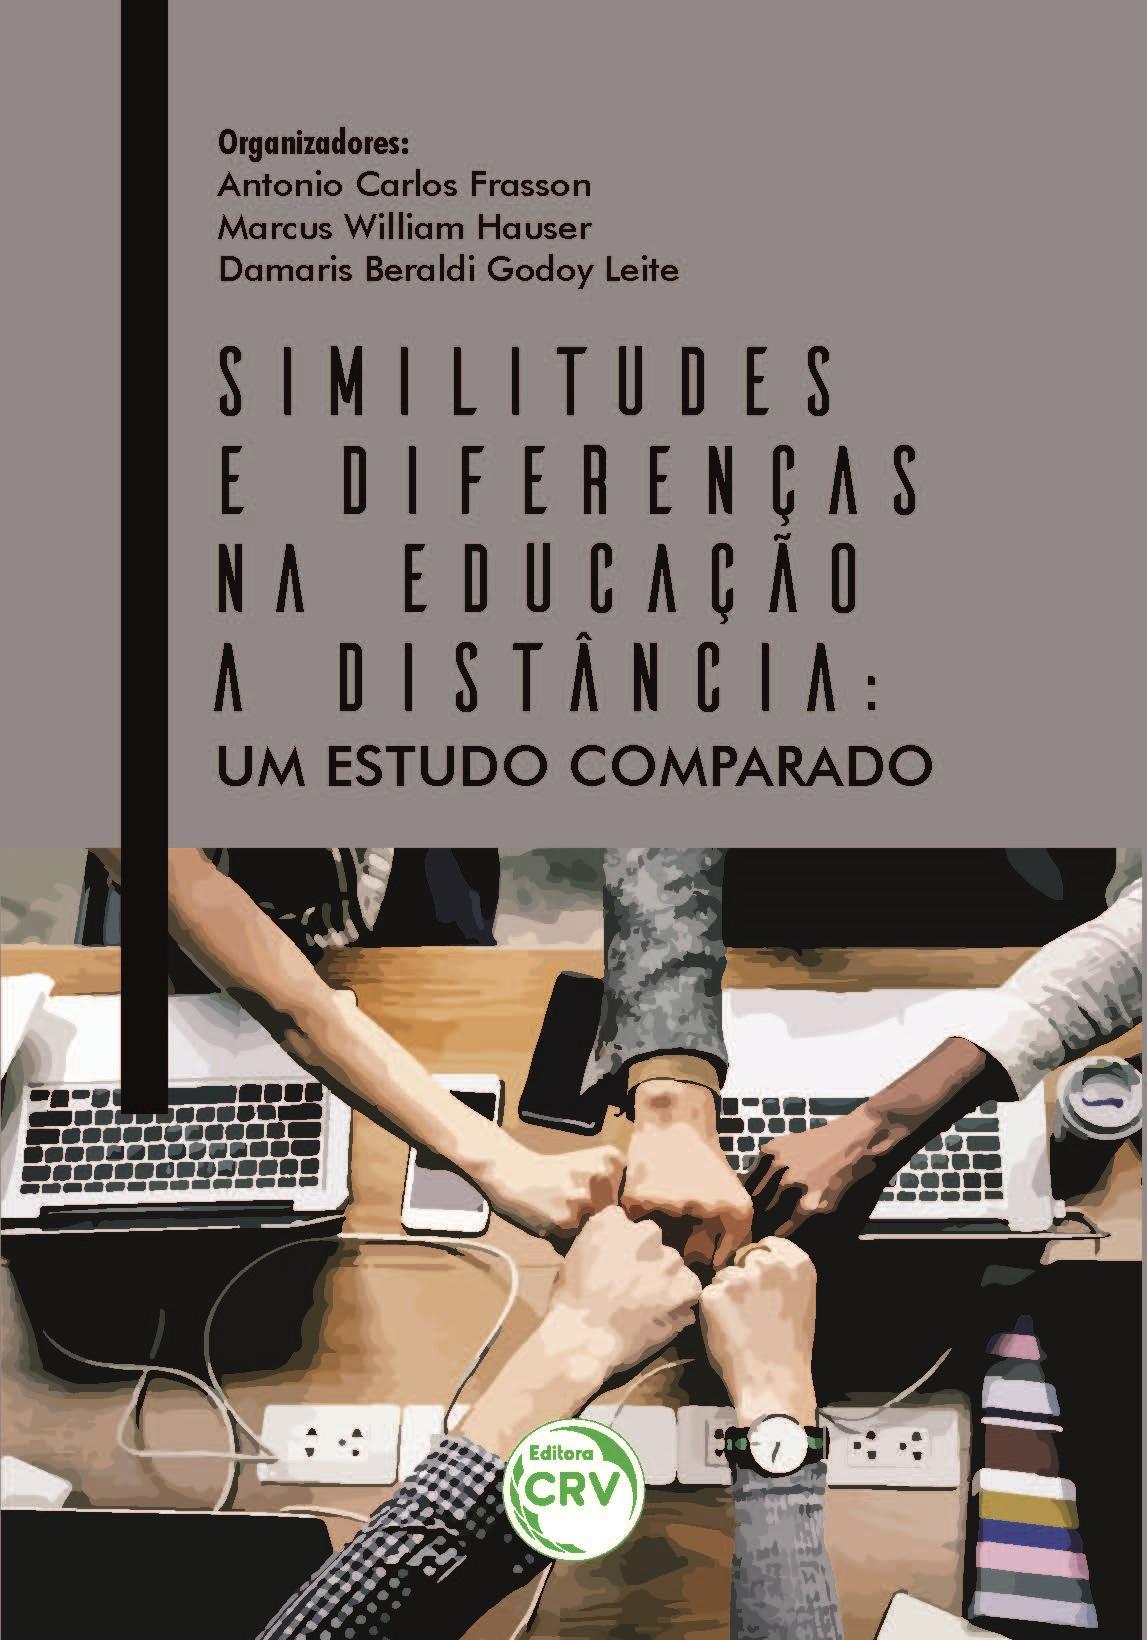 Capa do livro: SIMILITUDES E DIFERENÇAS NA EDUCAÇÃO A DISTÂNCIA:<br> um estudo comparado